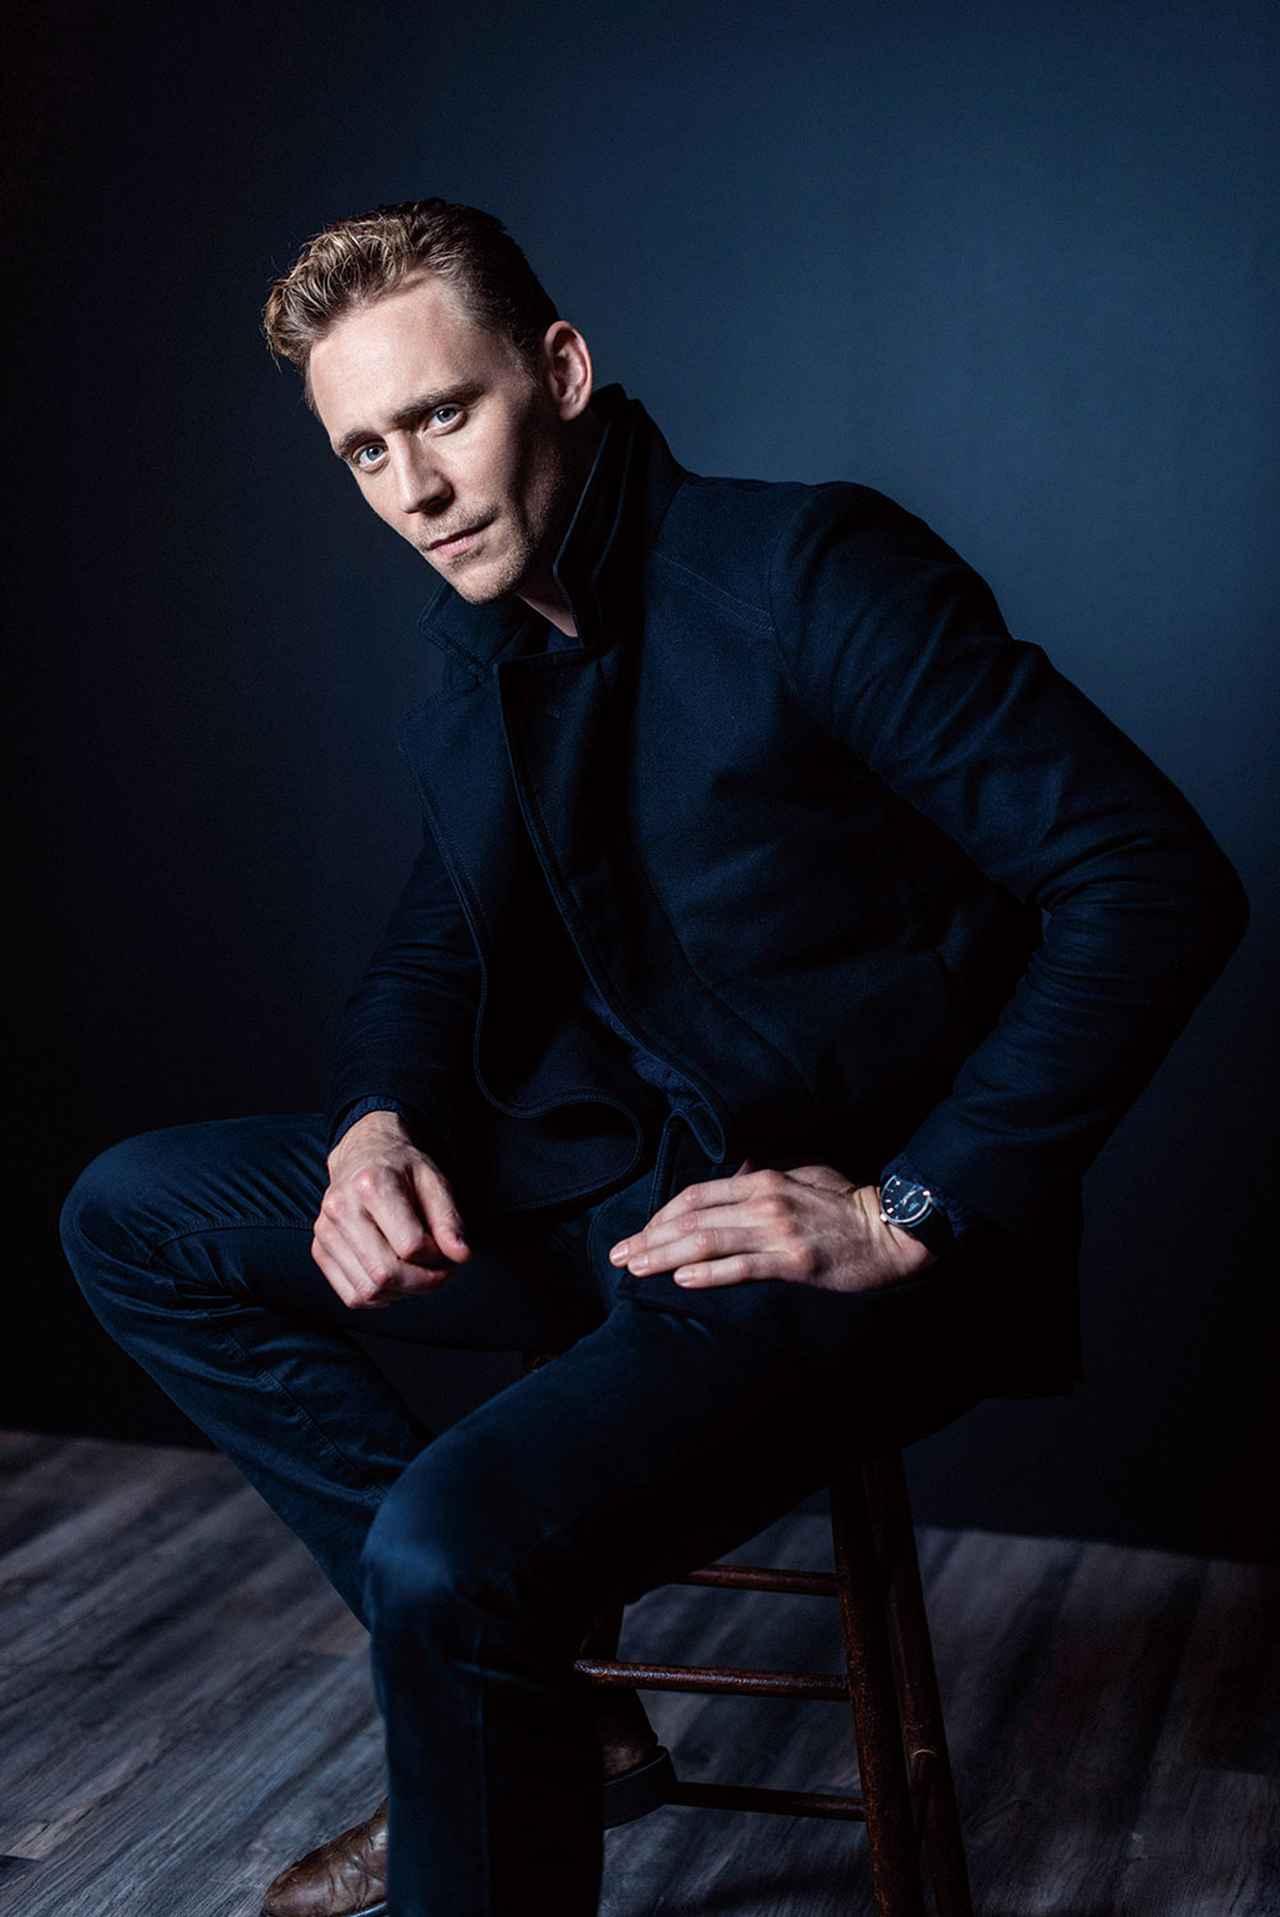 画像1: 【あなたの推しは誰?】英国男優が魅せるダンディズムという矜持